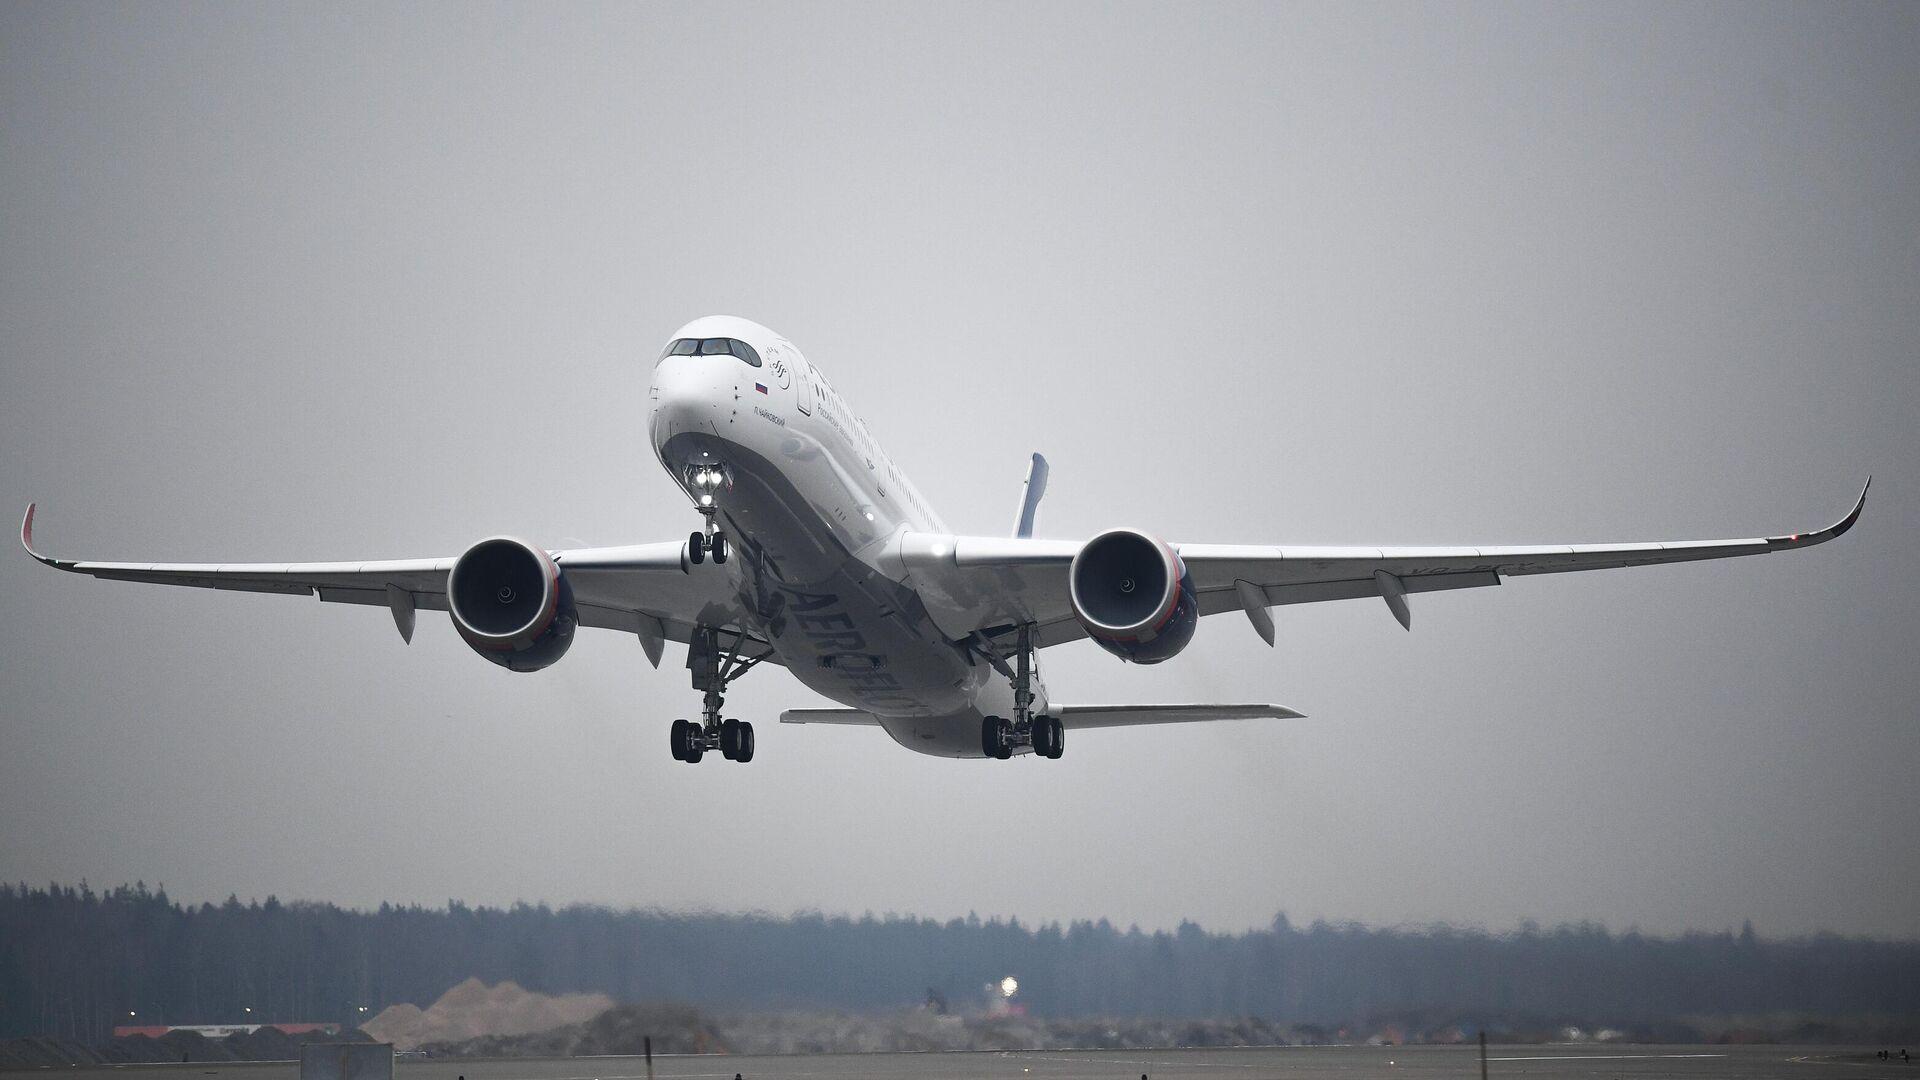 Самолет Airbus A350-900 во время взлета в Международном аэропорту Шереметьево - РИА Новости, 1920, 05.03.2021